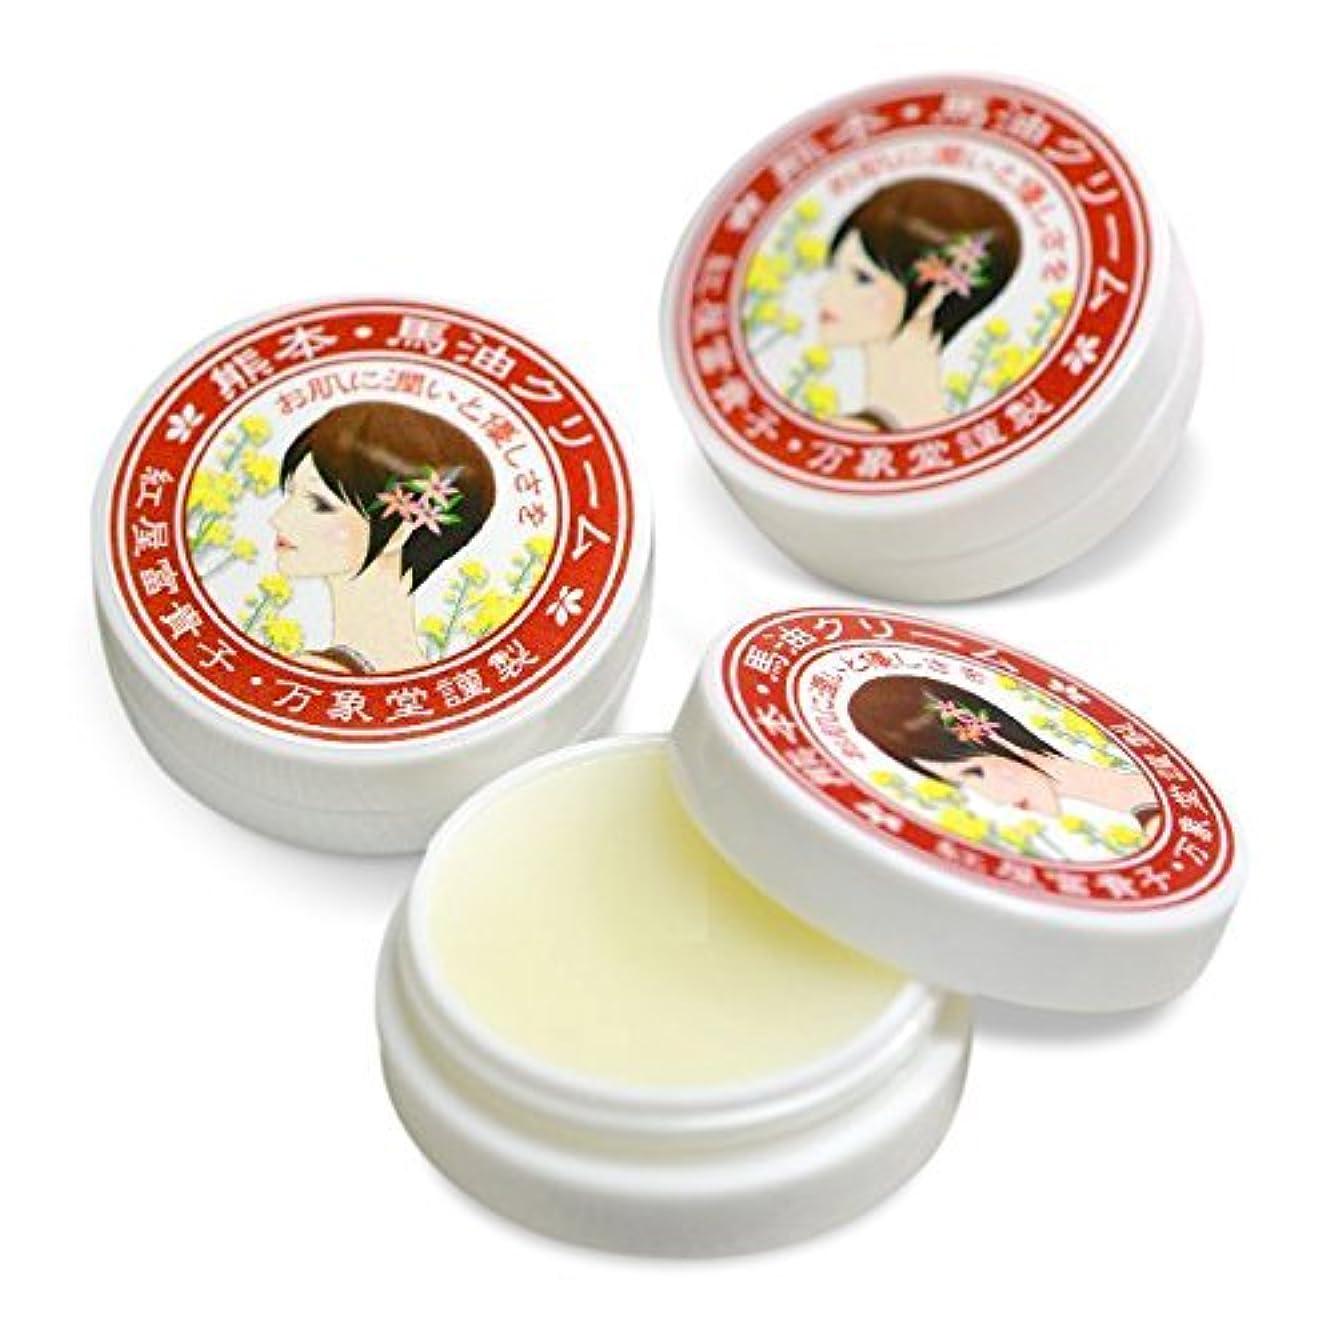 生命体等しい樫の木森羅万象堂 馬油クリーム 10g×3個 (ラベンダーの香り)精油 アロマ 国産 保湿 スキンクリーム